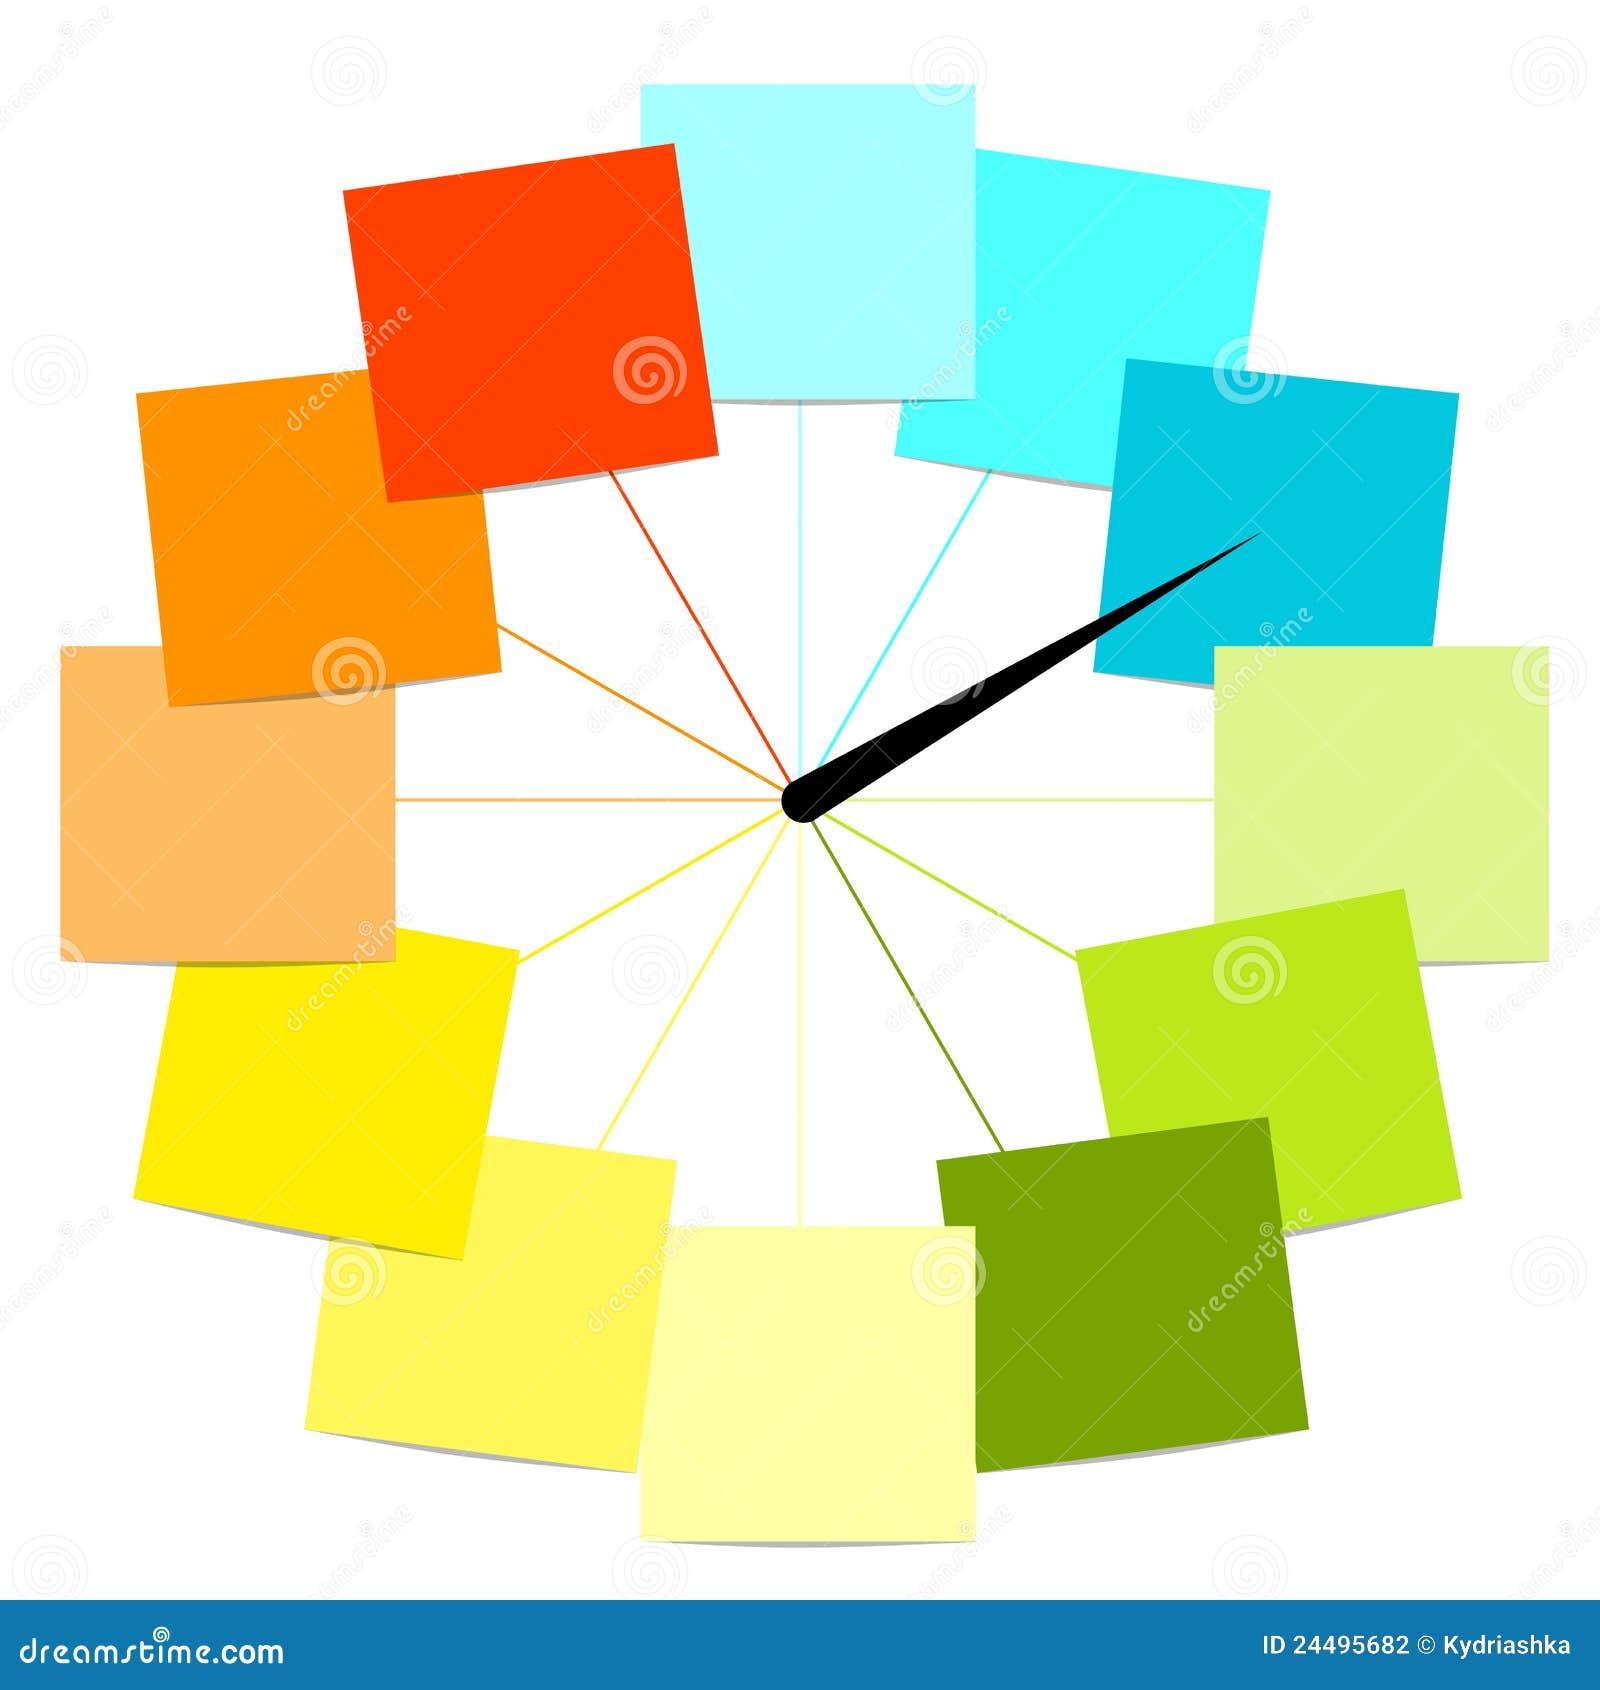 Dise o creativo del reloj con las etiquetas engomadas for Diseno de etiquetas